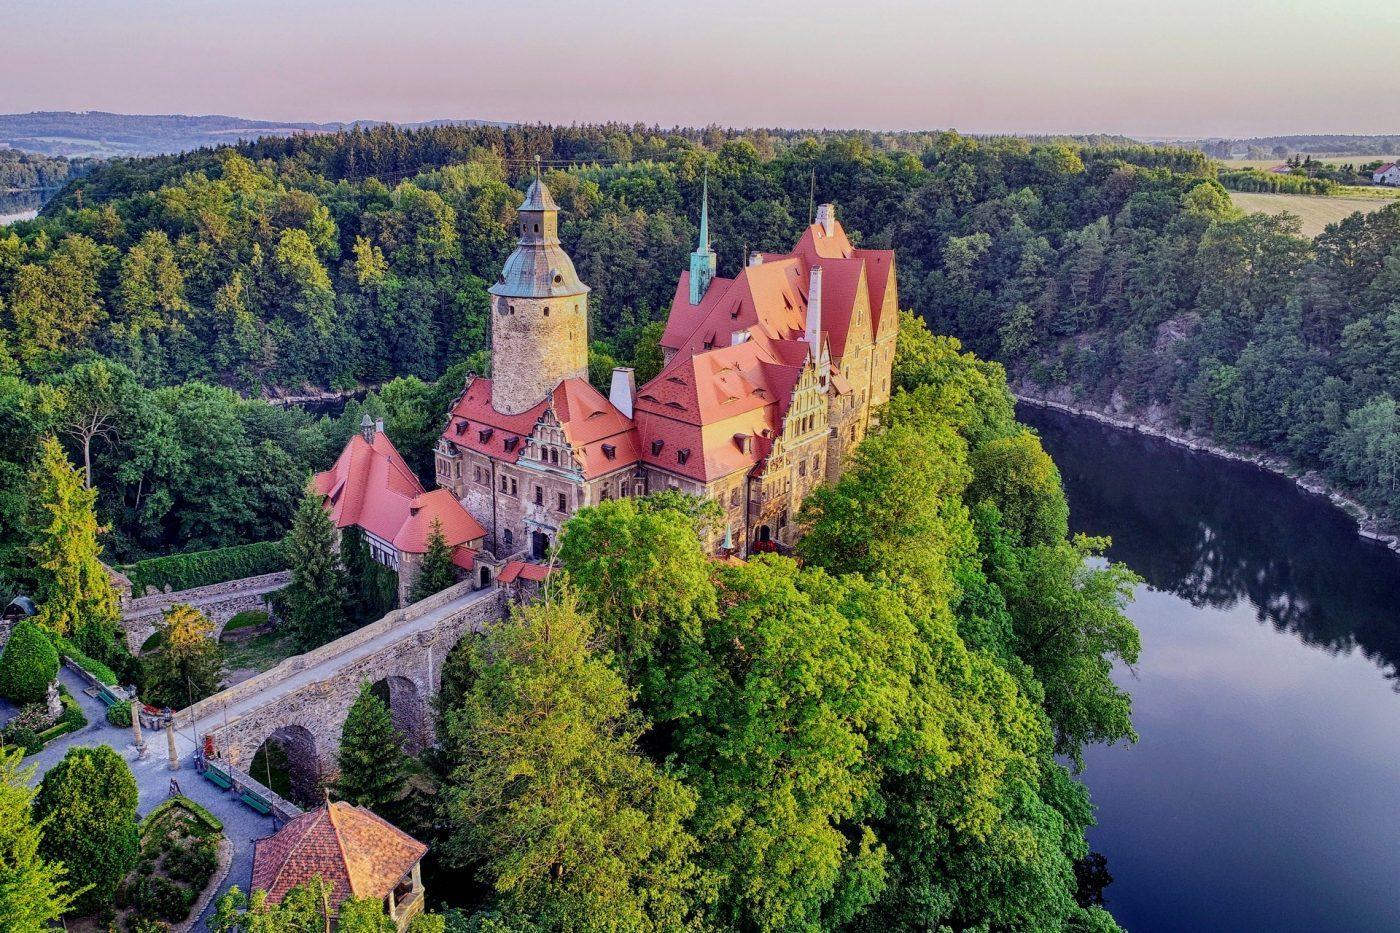 Dobrze zachowane polskie zamki. Wtych murach czas sięzatrzymał (Top15)